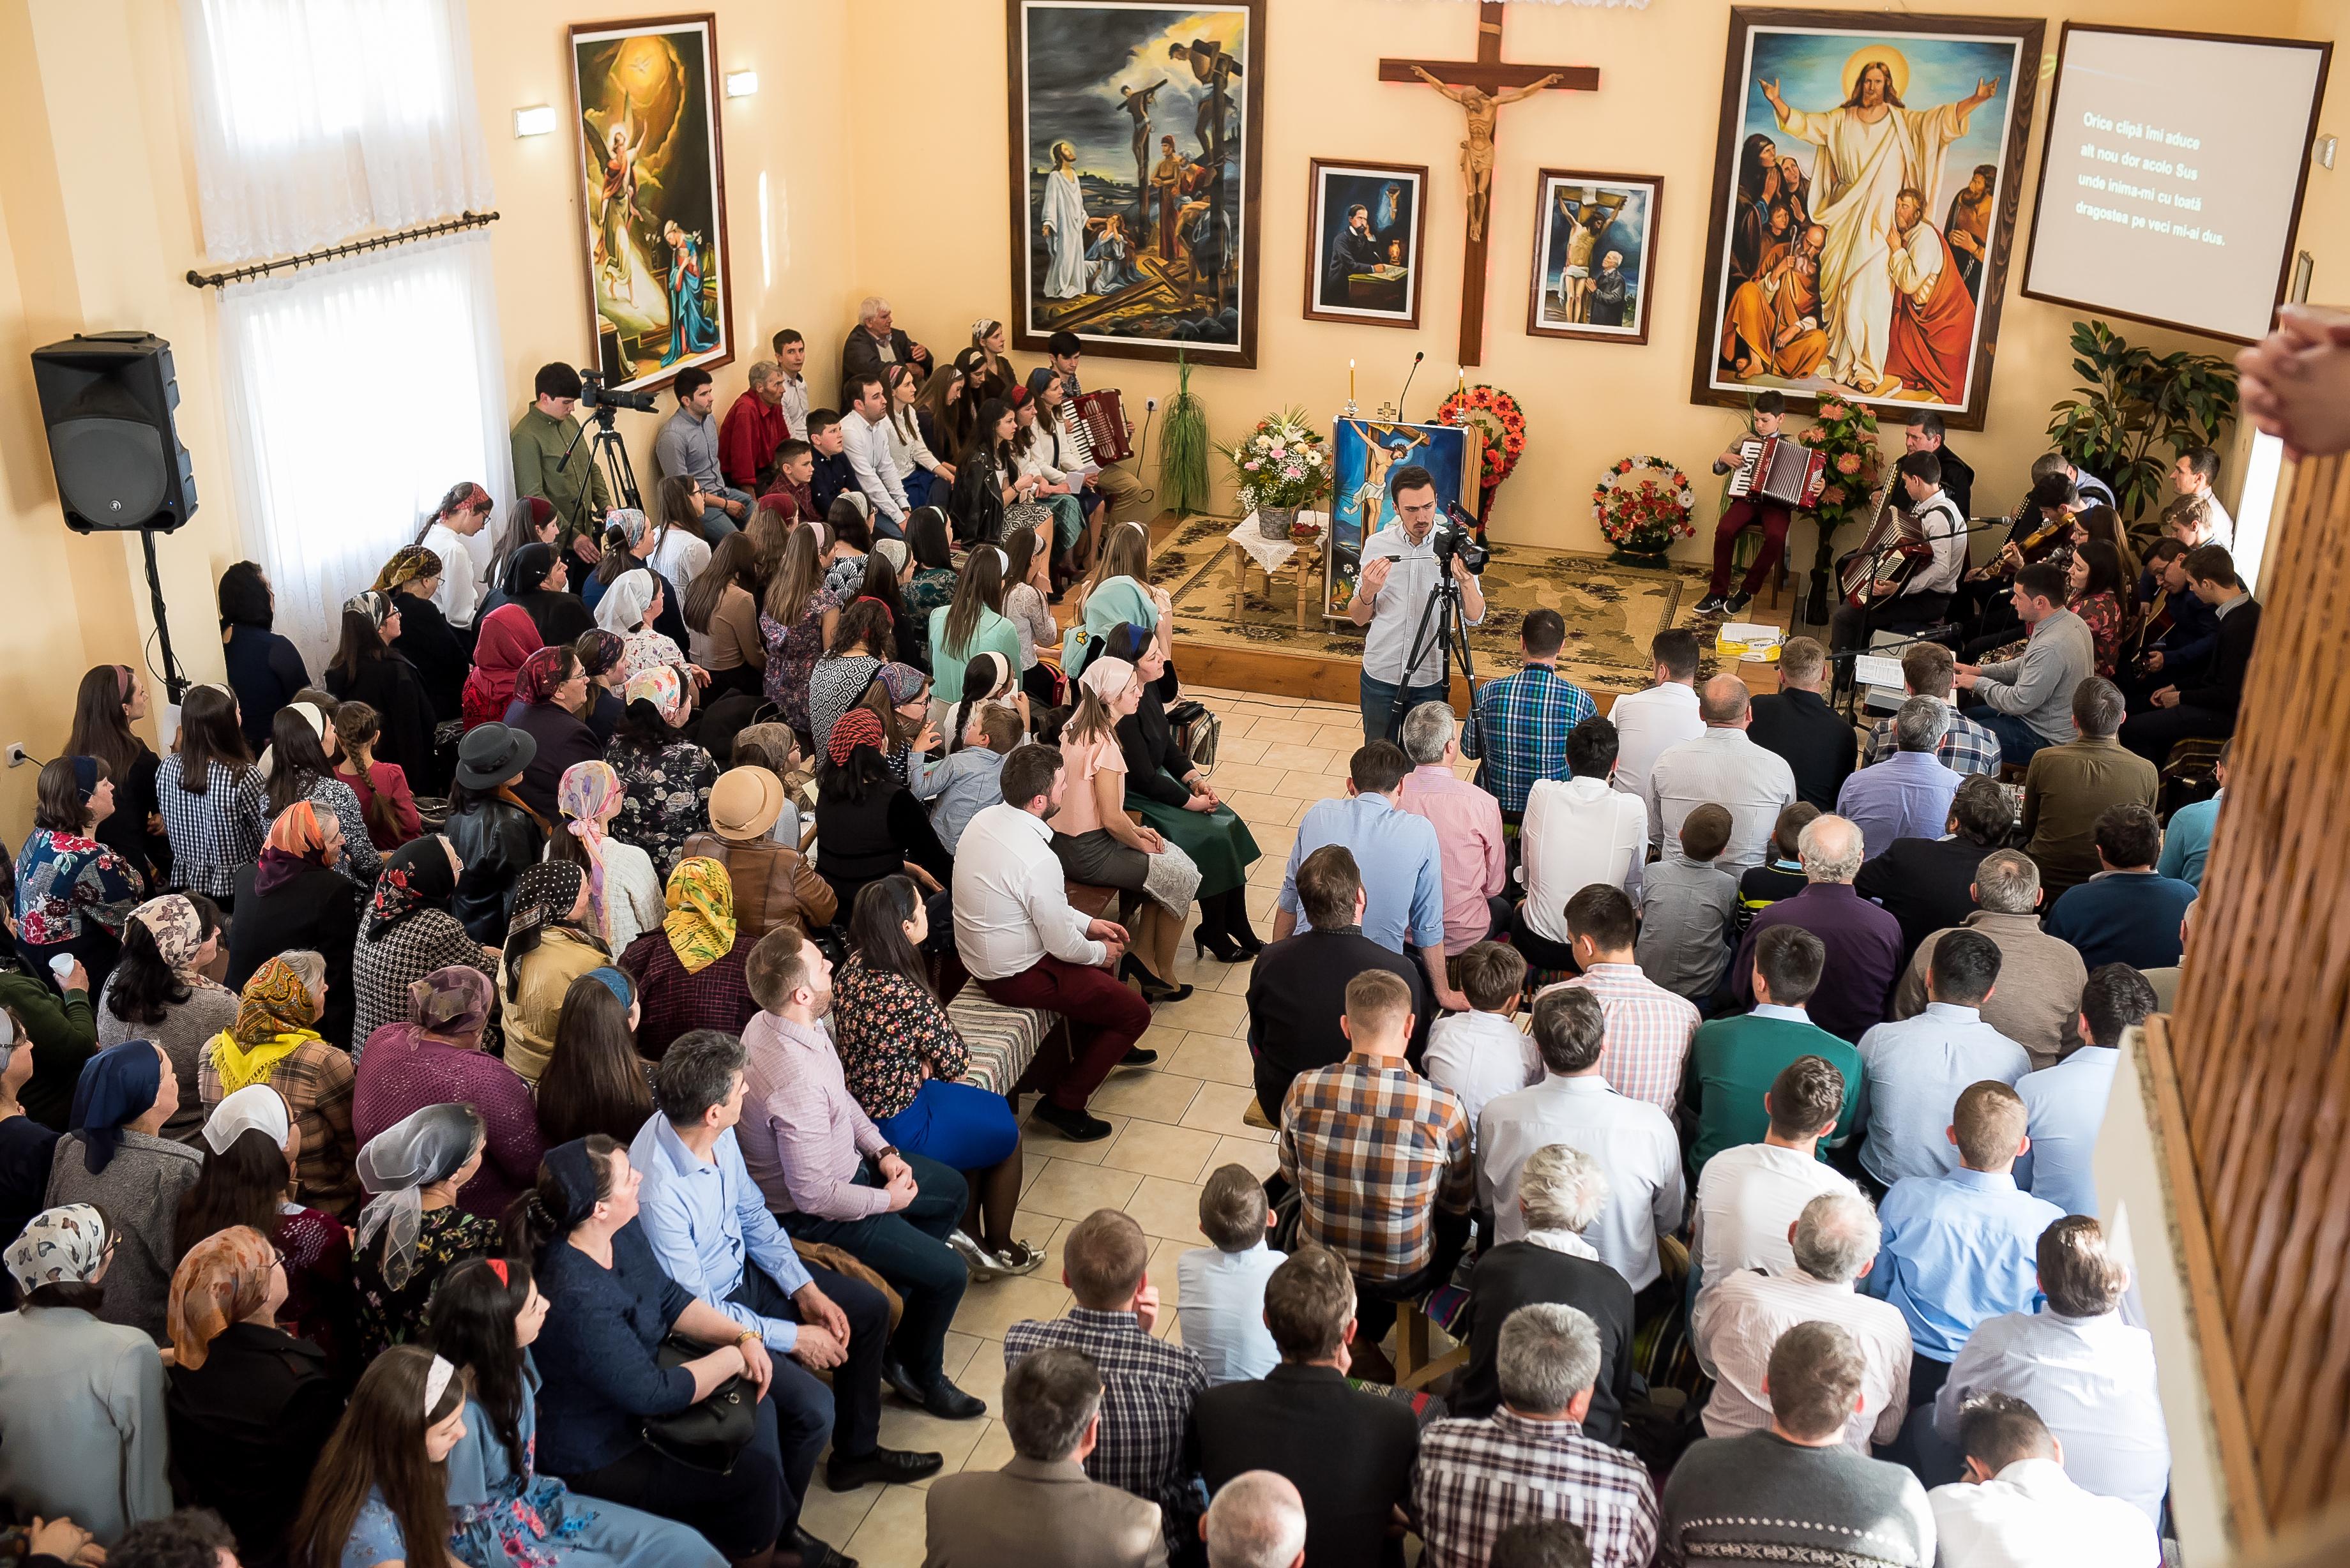 Adunare de mulțumire a Oastei Domnului - Cajvana